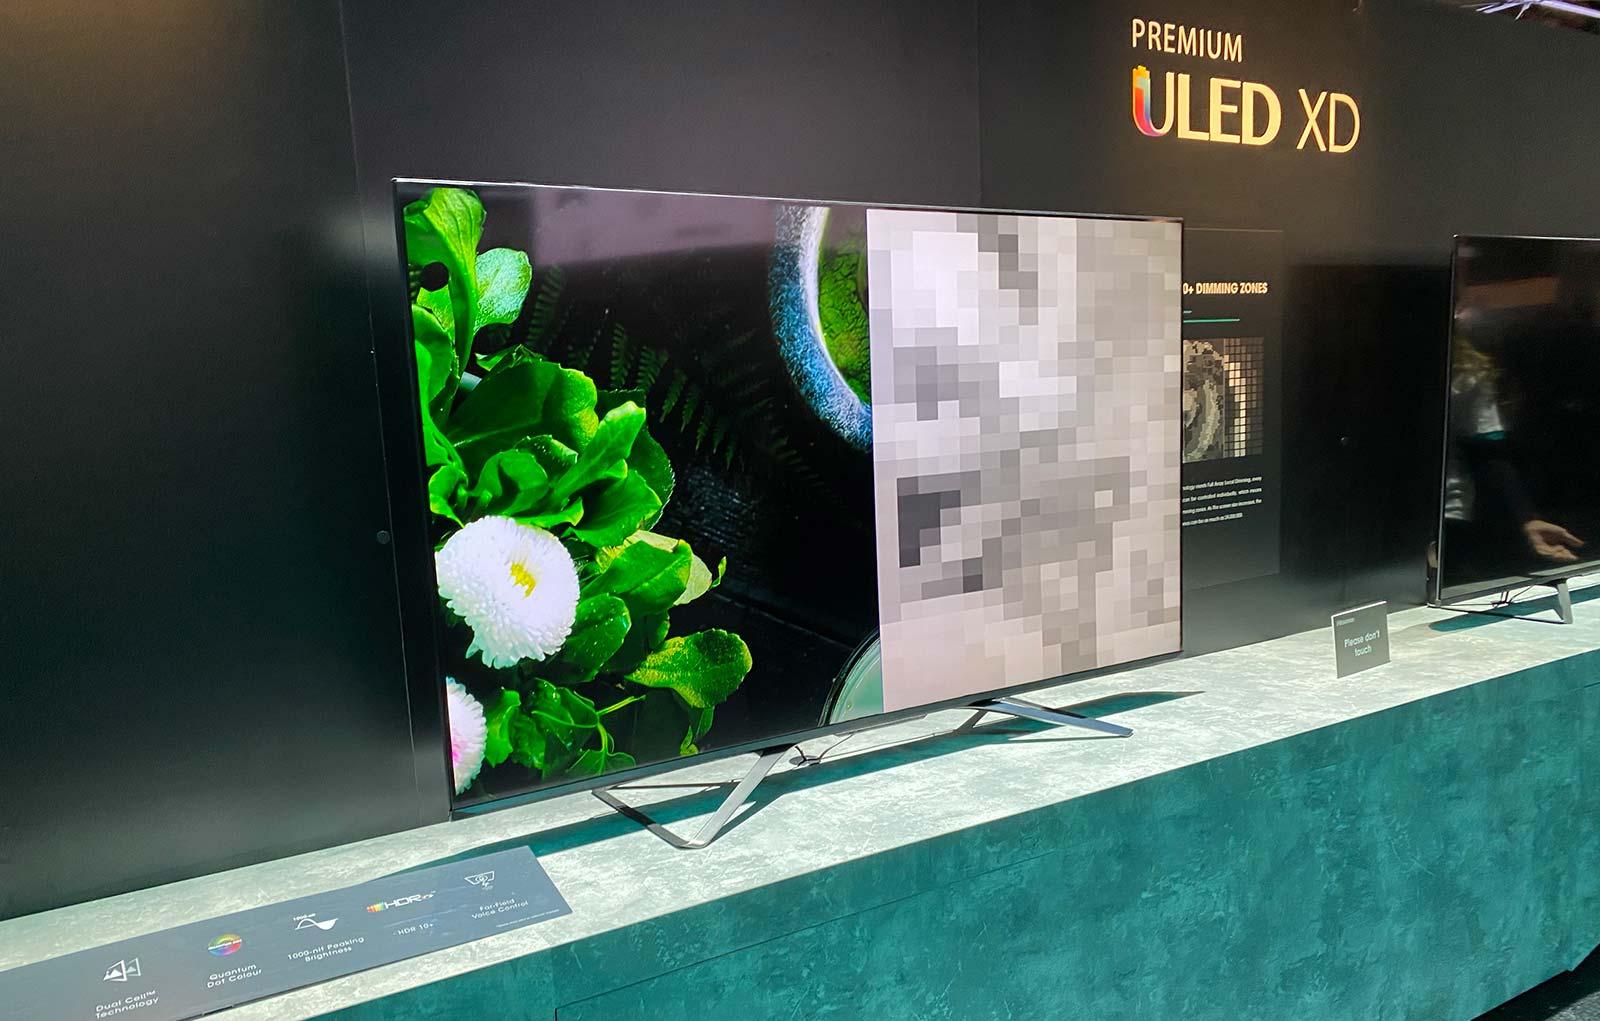 Hisense Dual Cell LED TV at CES 2020